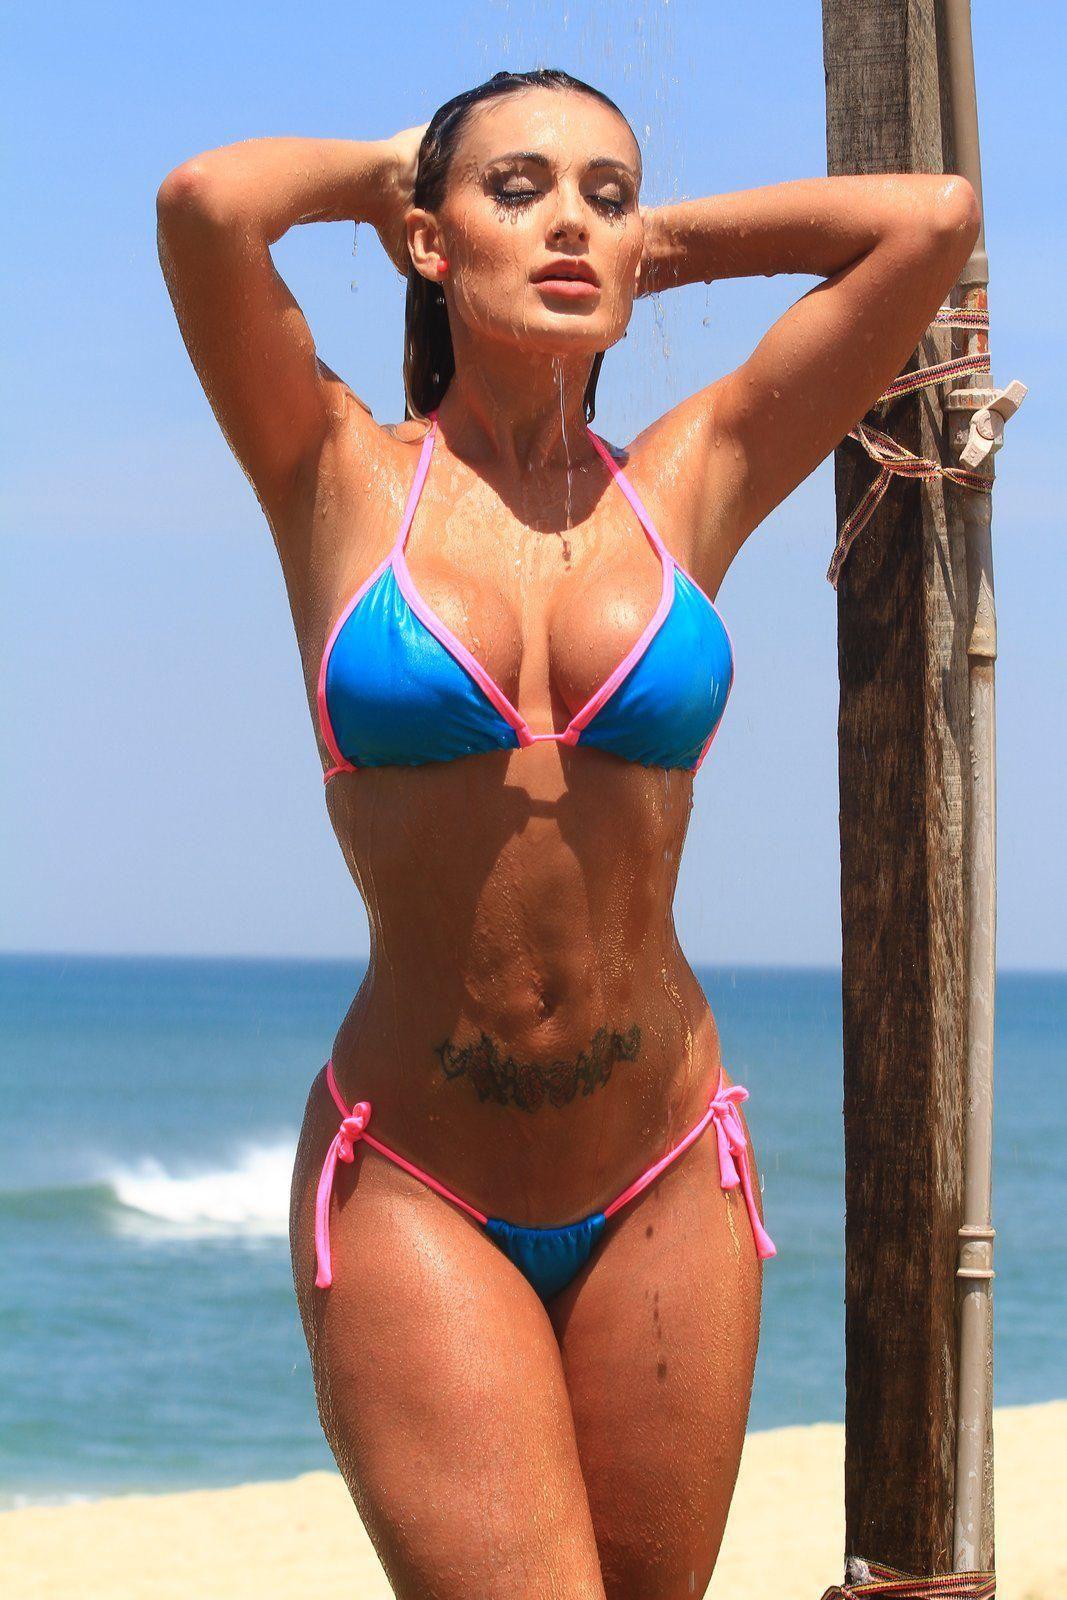 Andressa Urach Porn Pics andressa urach naked hot babes pinterest pool wear lingerie